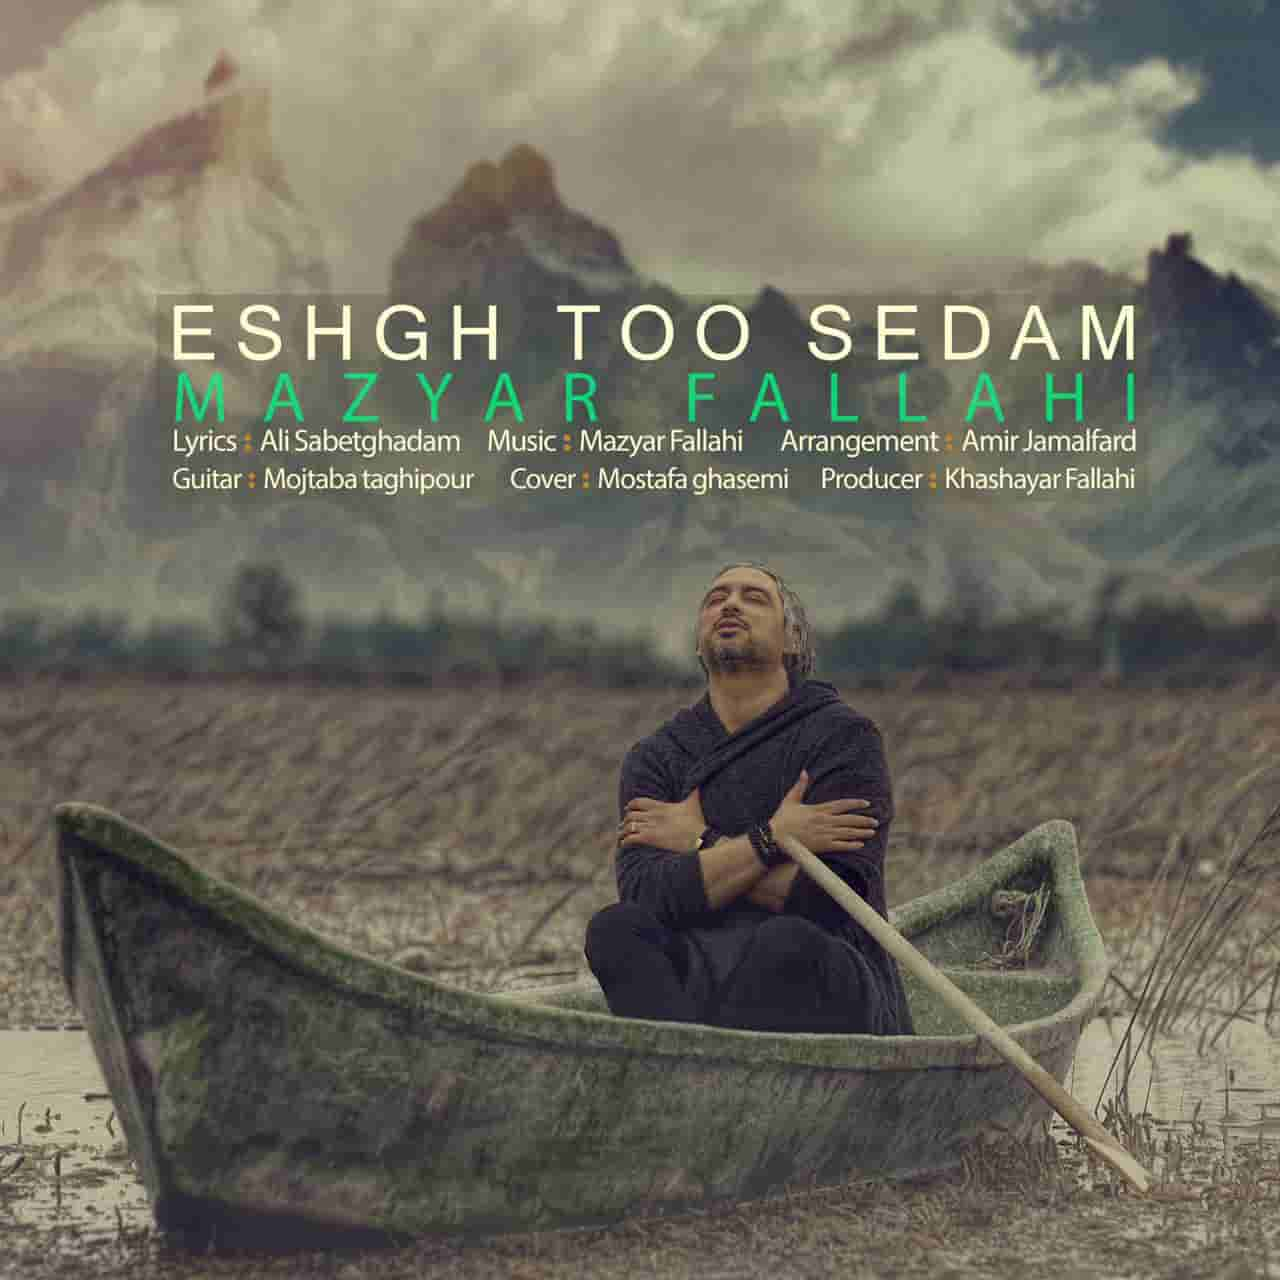 دانلود آهنگ جدید مازیار فلاحی عشق توو صدام